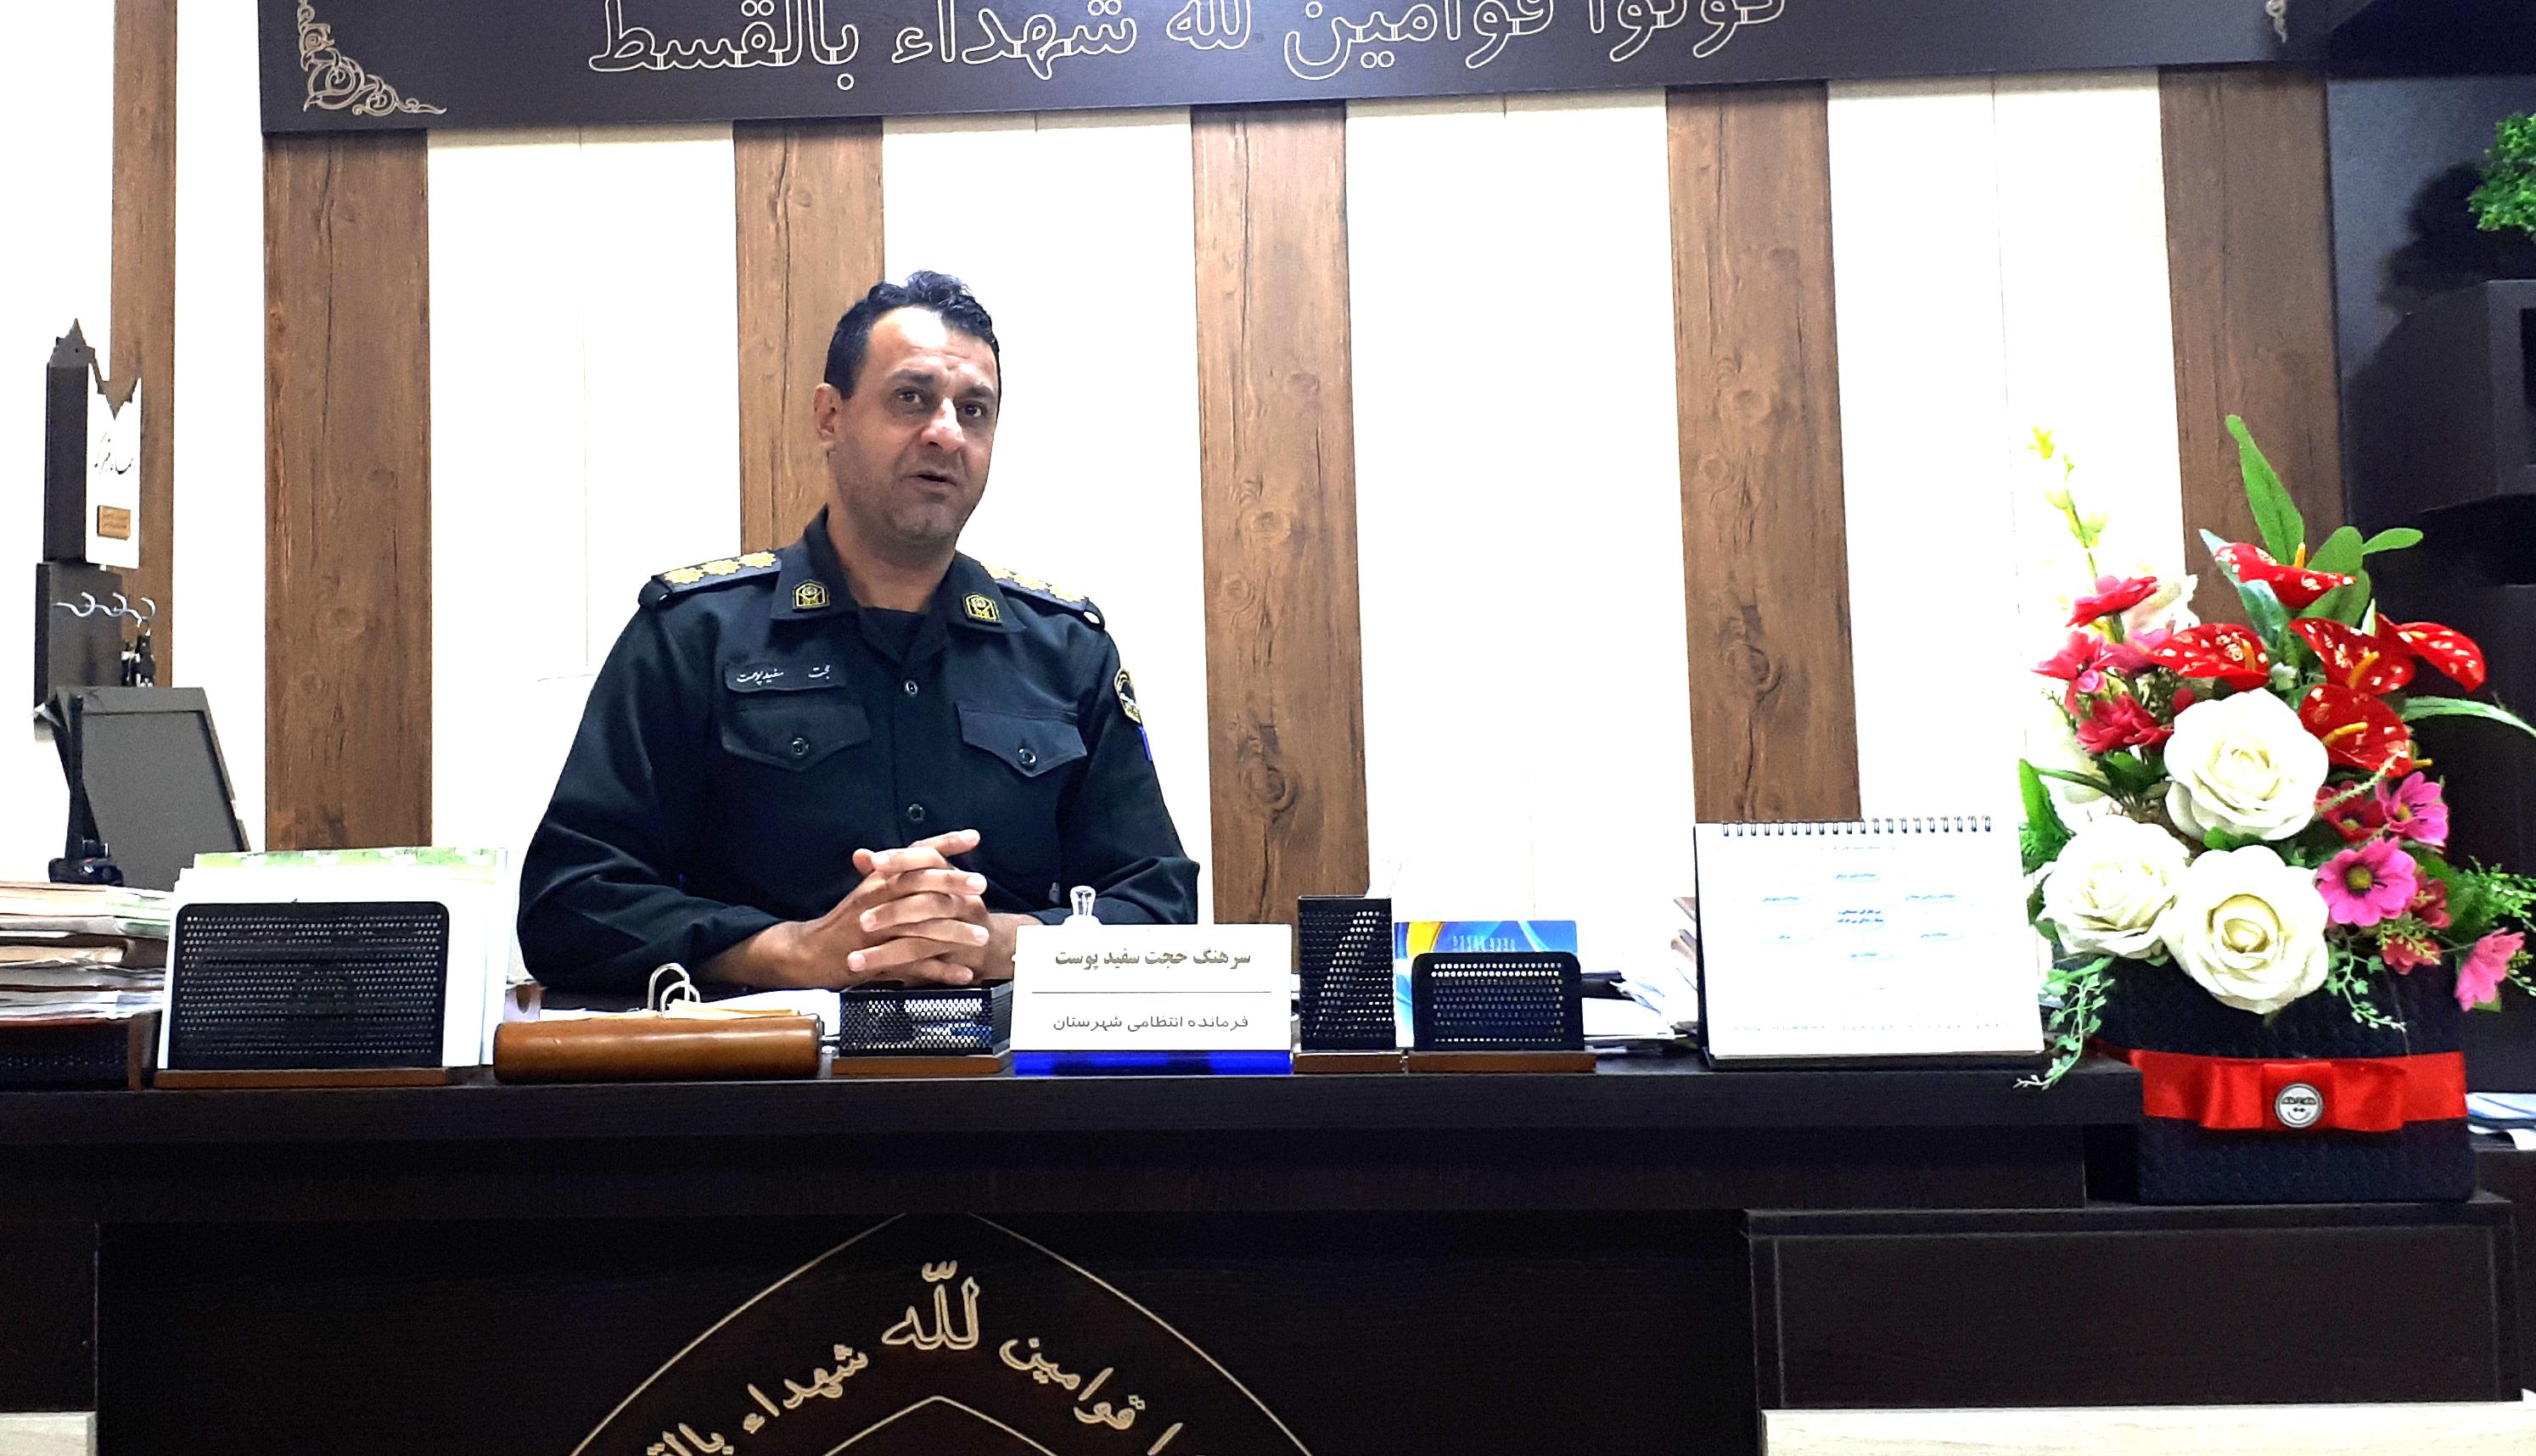 شناسایی و بازداشت ۴ سارق با اعتراف به ۱۴ سرقت در ایذه